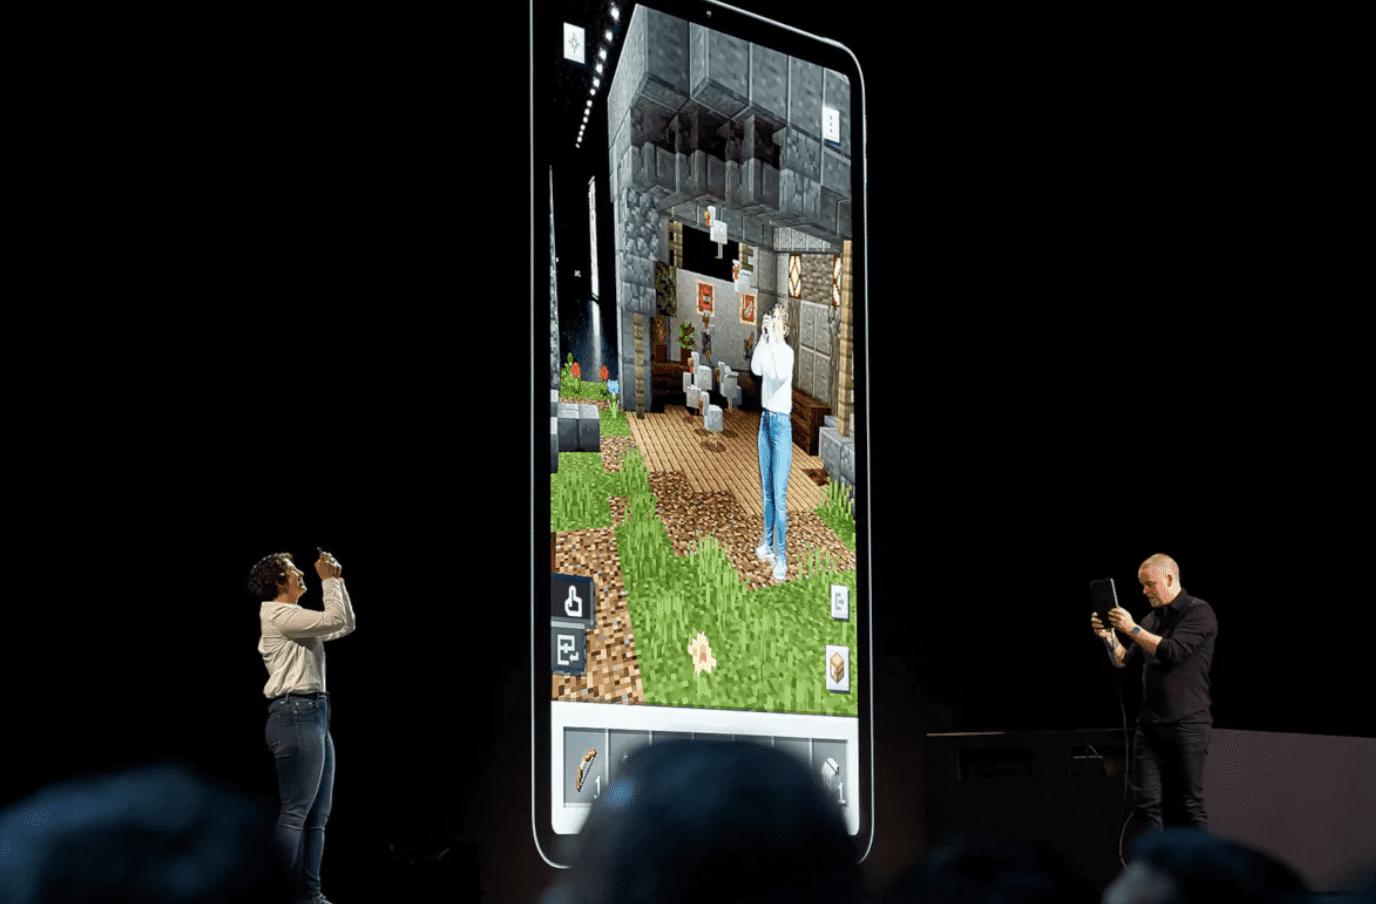 Które urządzenia będą mogły korzystać z ARKit 3? polecane, ciekawostki na jakich urządzeniach ARKit 3, iPhone, ARKit 3, Apple  Na konferencji deweloperskiej WWDC 2019 Apple przedstawiło zaktualizowaną platformę ARKit 3, a także ogłosiło szereg nowych narzędzi do tworzenia rozszerzonej rzeczywistości: RealityKit i Reality Composer. Arkit3 1